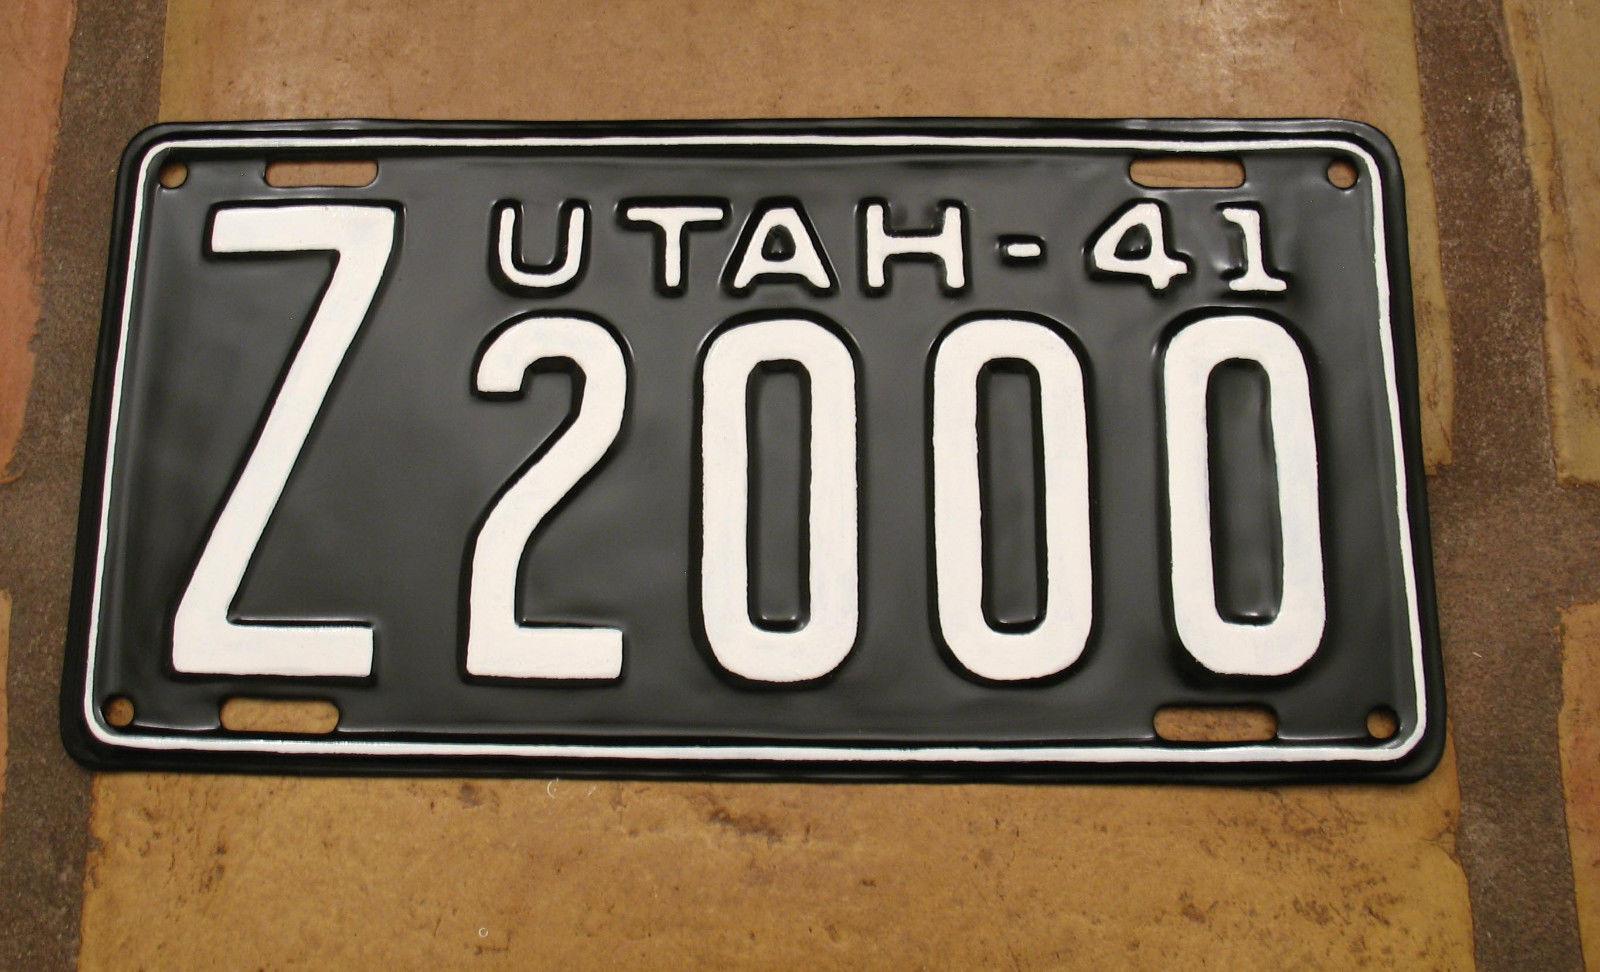 utah 1941 z 2000 restored license plate great number look site title. Black Bedroom Furniture Sets. Home Design Ideas